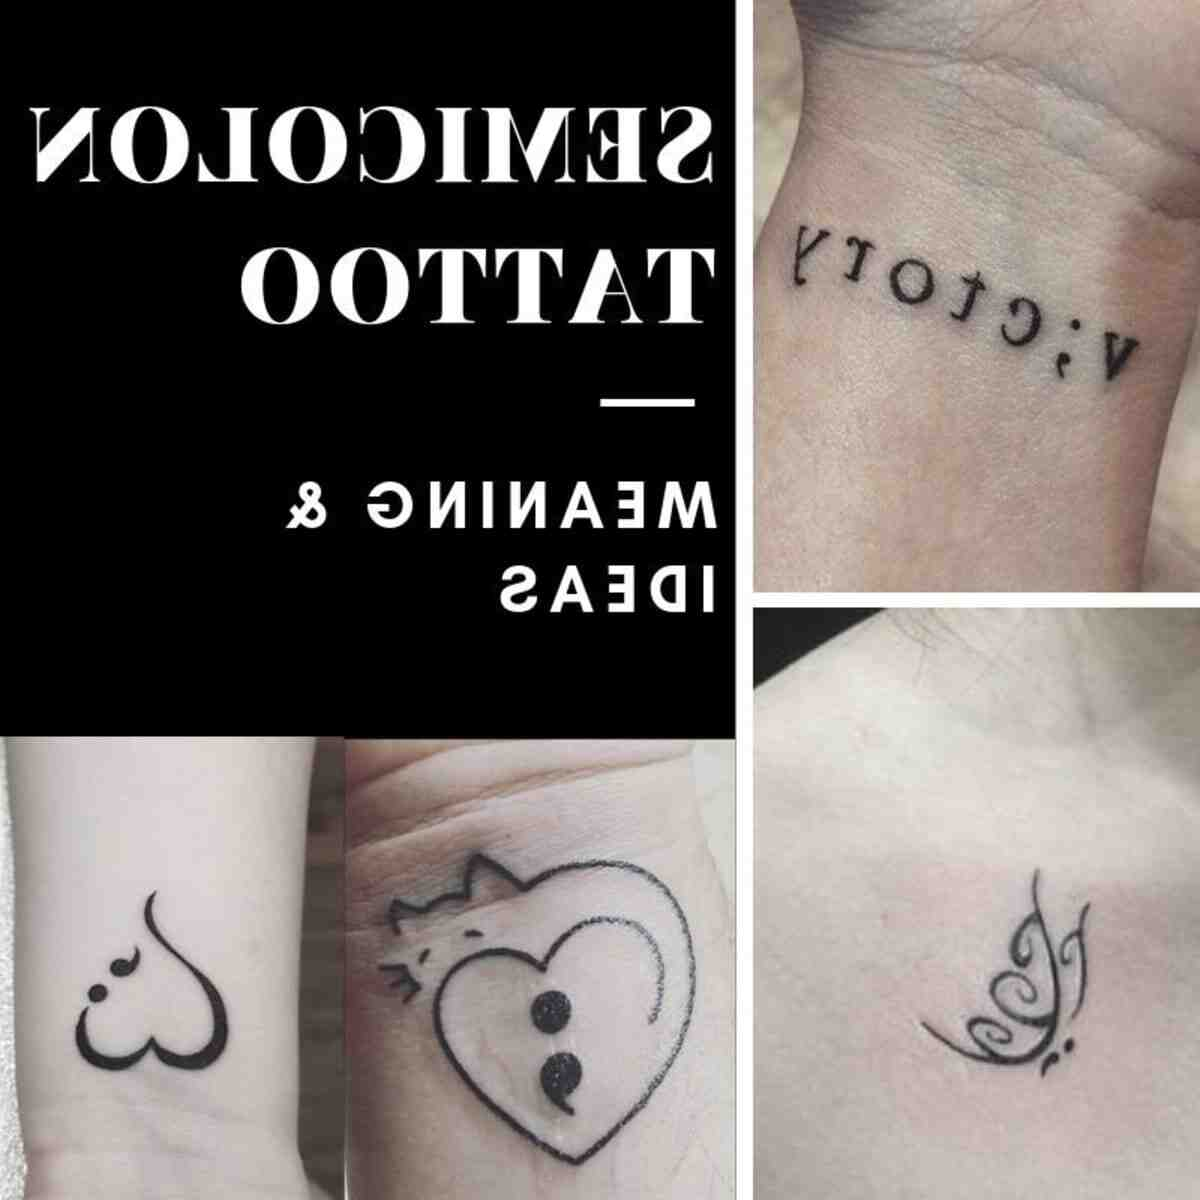 Quel tatouage signifie la renaissance ?